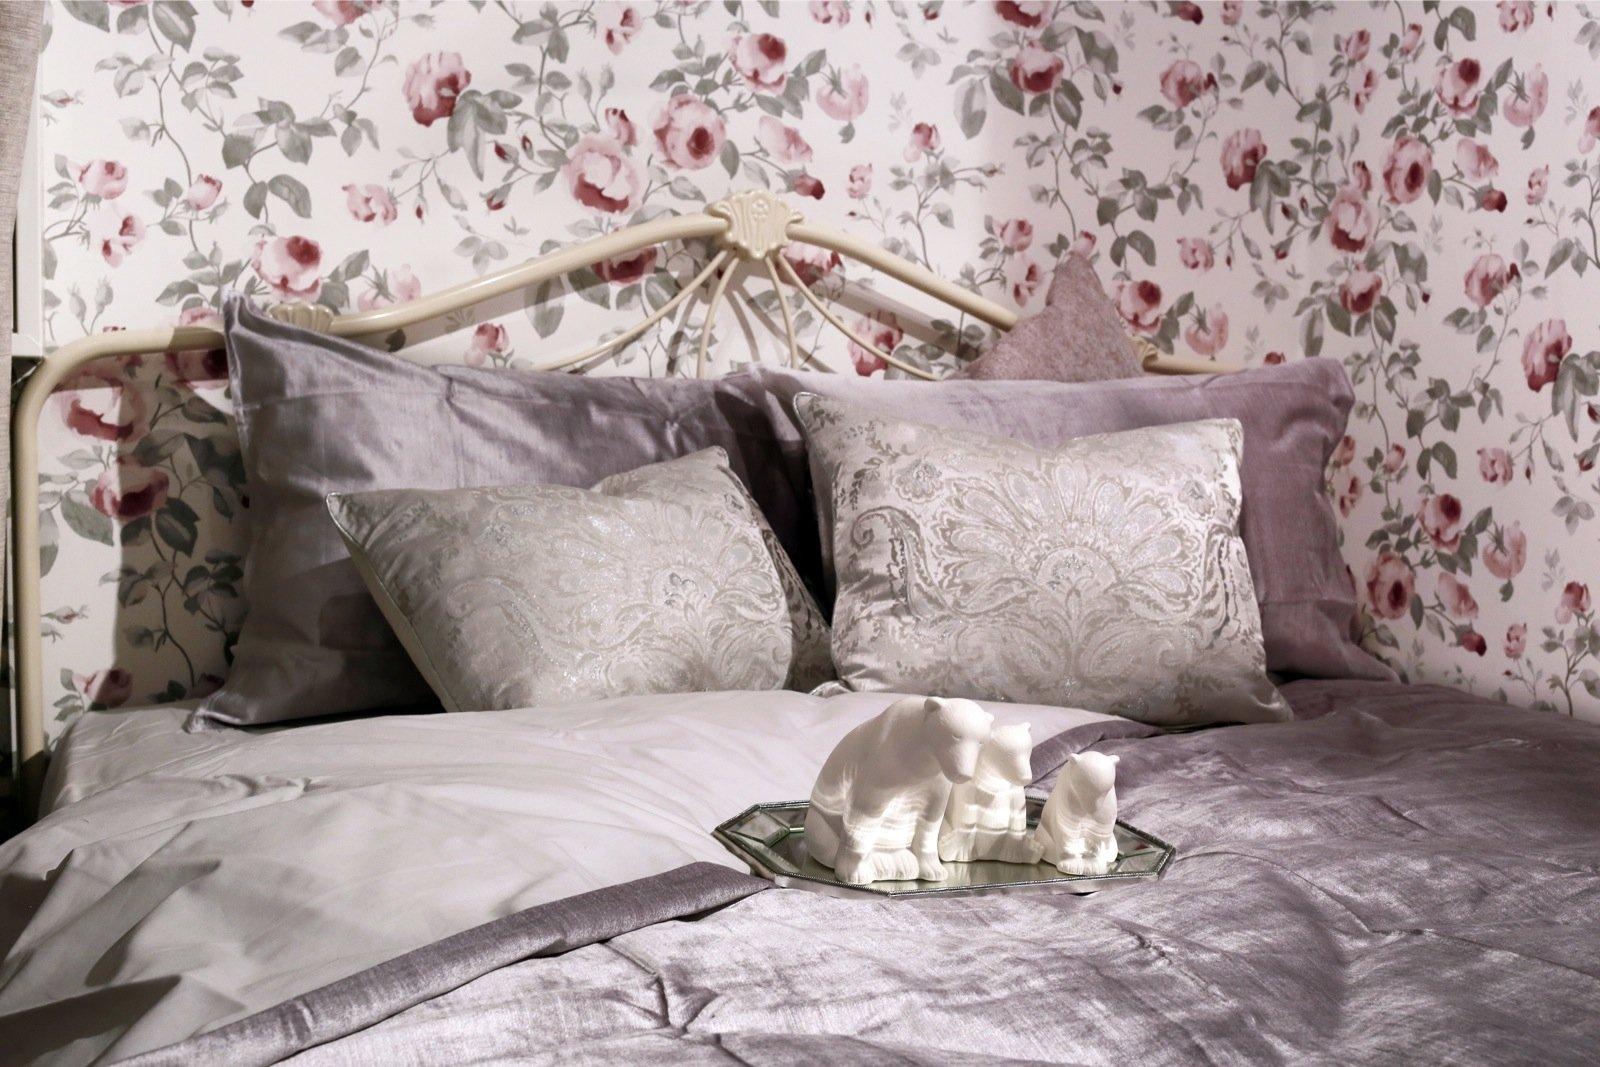 ff77e7ace35 Laura Ashley talvise hooaja voodipesudes on klassikat ja modernsust.  Sellise voodipesukomplekti puhul ei pea päevatekki kasutama. Foto: Maakodu